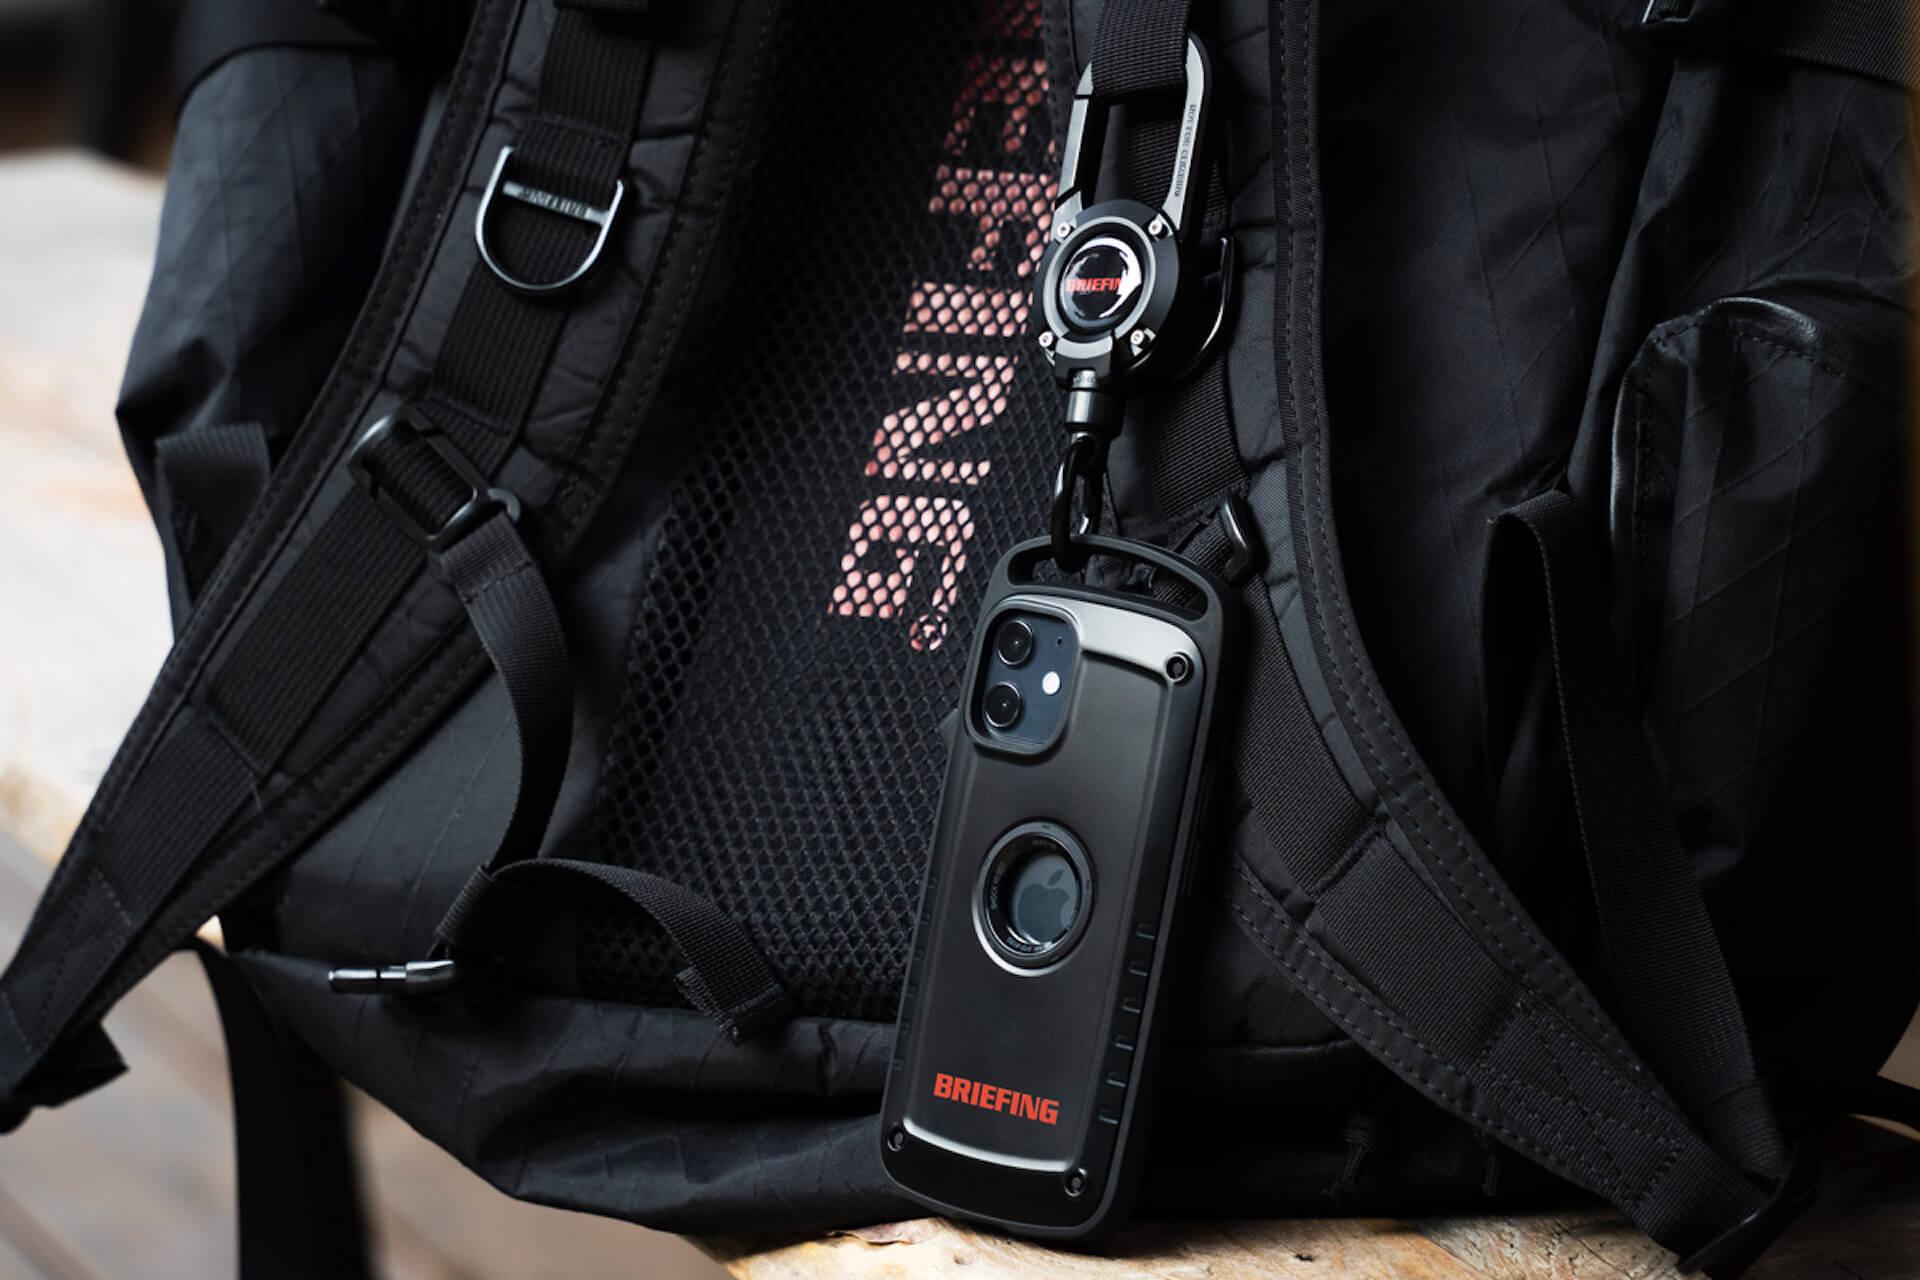 ROOTとBRIEFINGがコラボ!耐性試験に準拠したiPhone 12シリーズ用スマホケース&カラビナ付きキーホルダーが誕生 tech210219_root_briefing_3